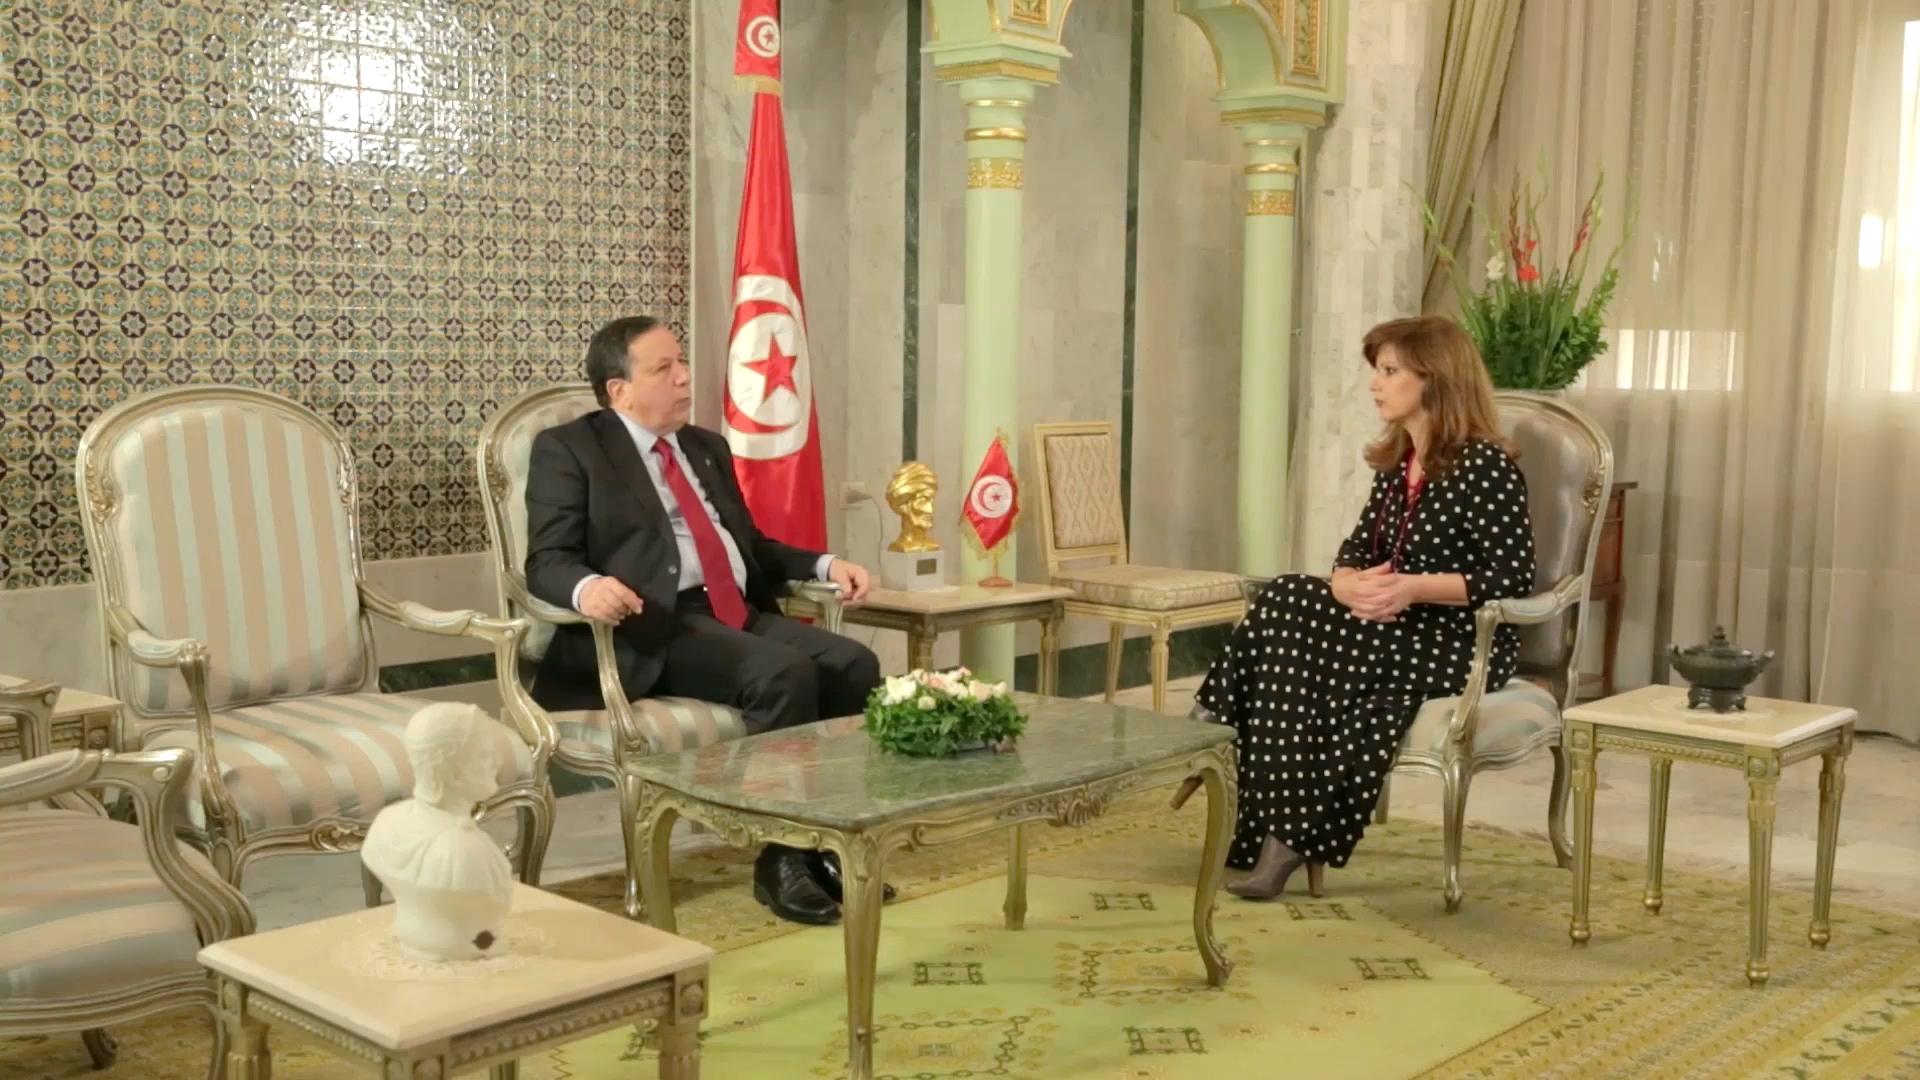 Ο υπουργός Εξωτερικών της Τυνησίας, Khemaies Jhinaou με την Έλενα Κατρίτση